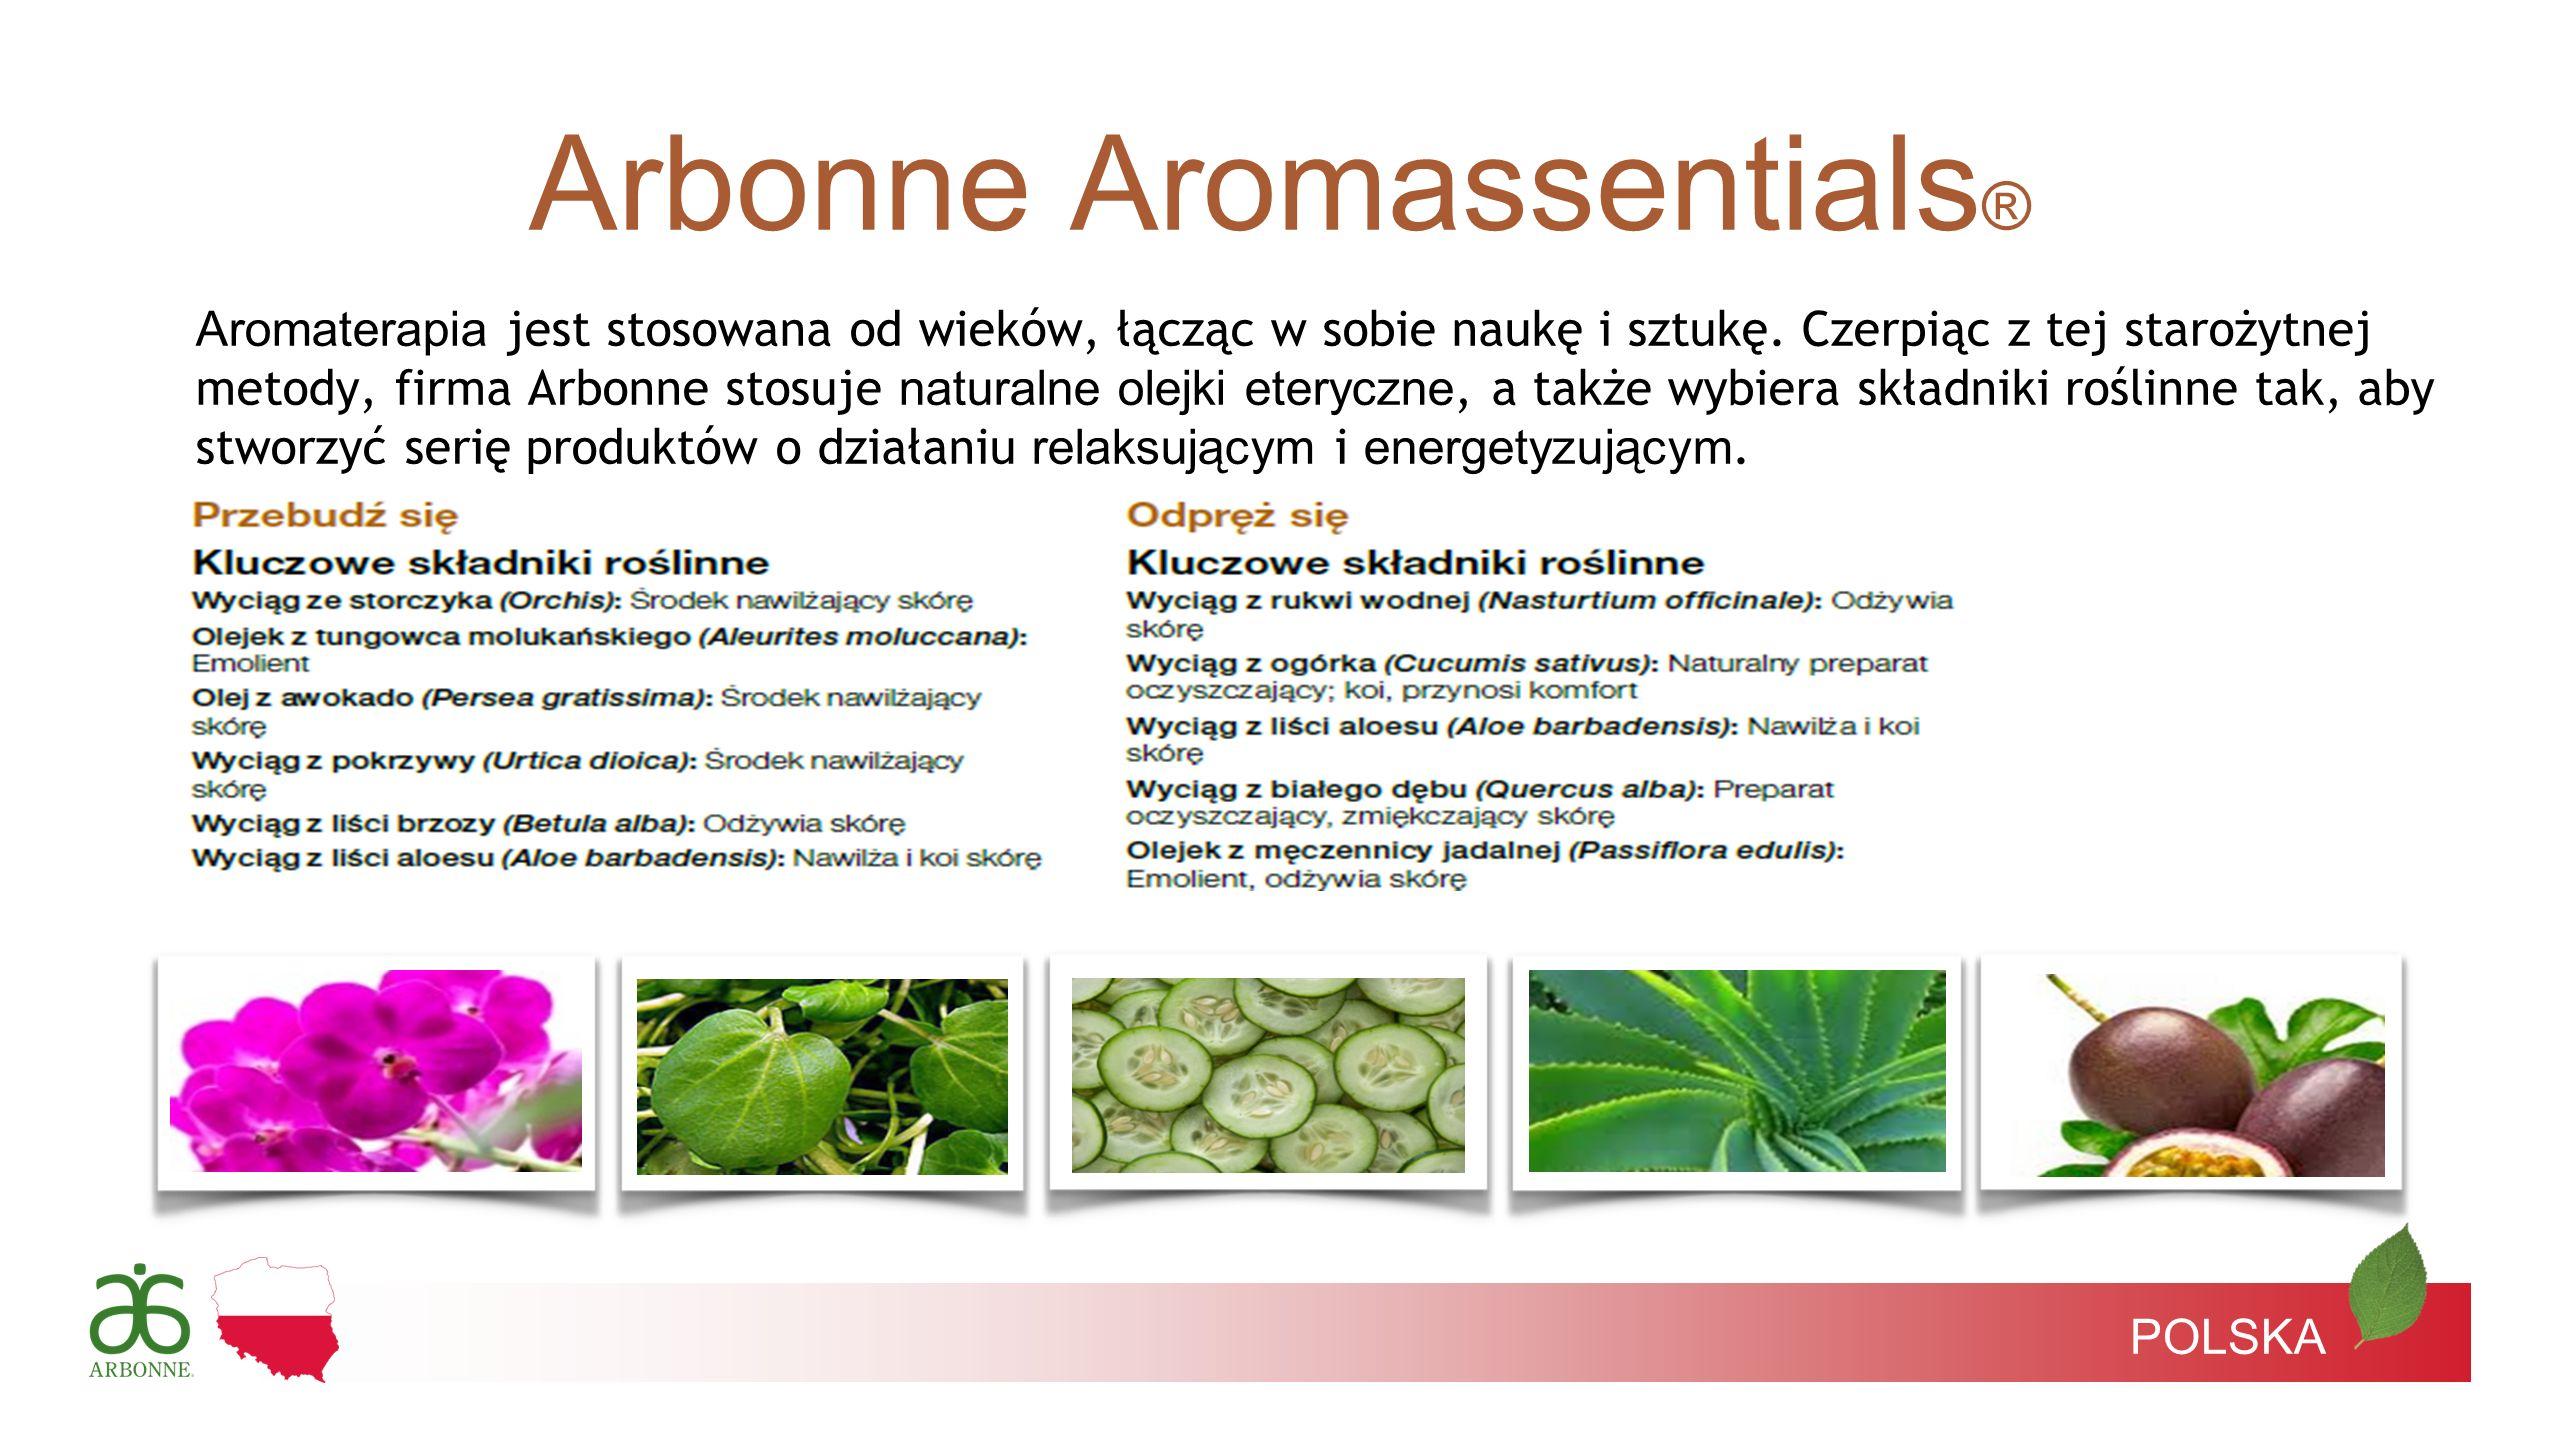 POLSKA Aromaterapia jest stosowana od wieków, łącząc w sobie naukę i sztukę. Czerpiąc z tej starożytnej metody, firma Arbonne stosuje naturalne olejki